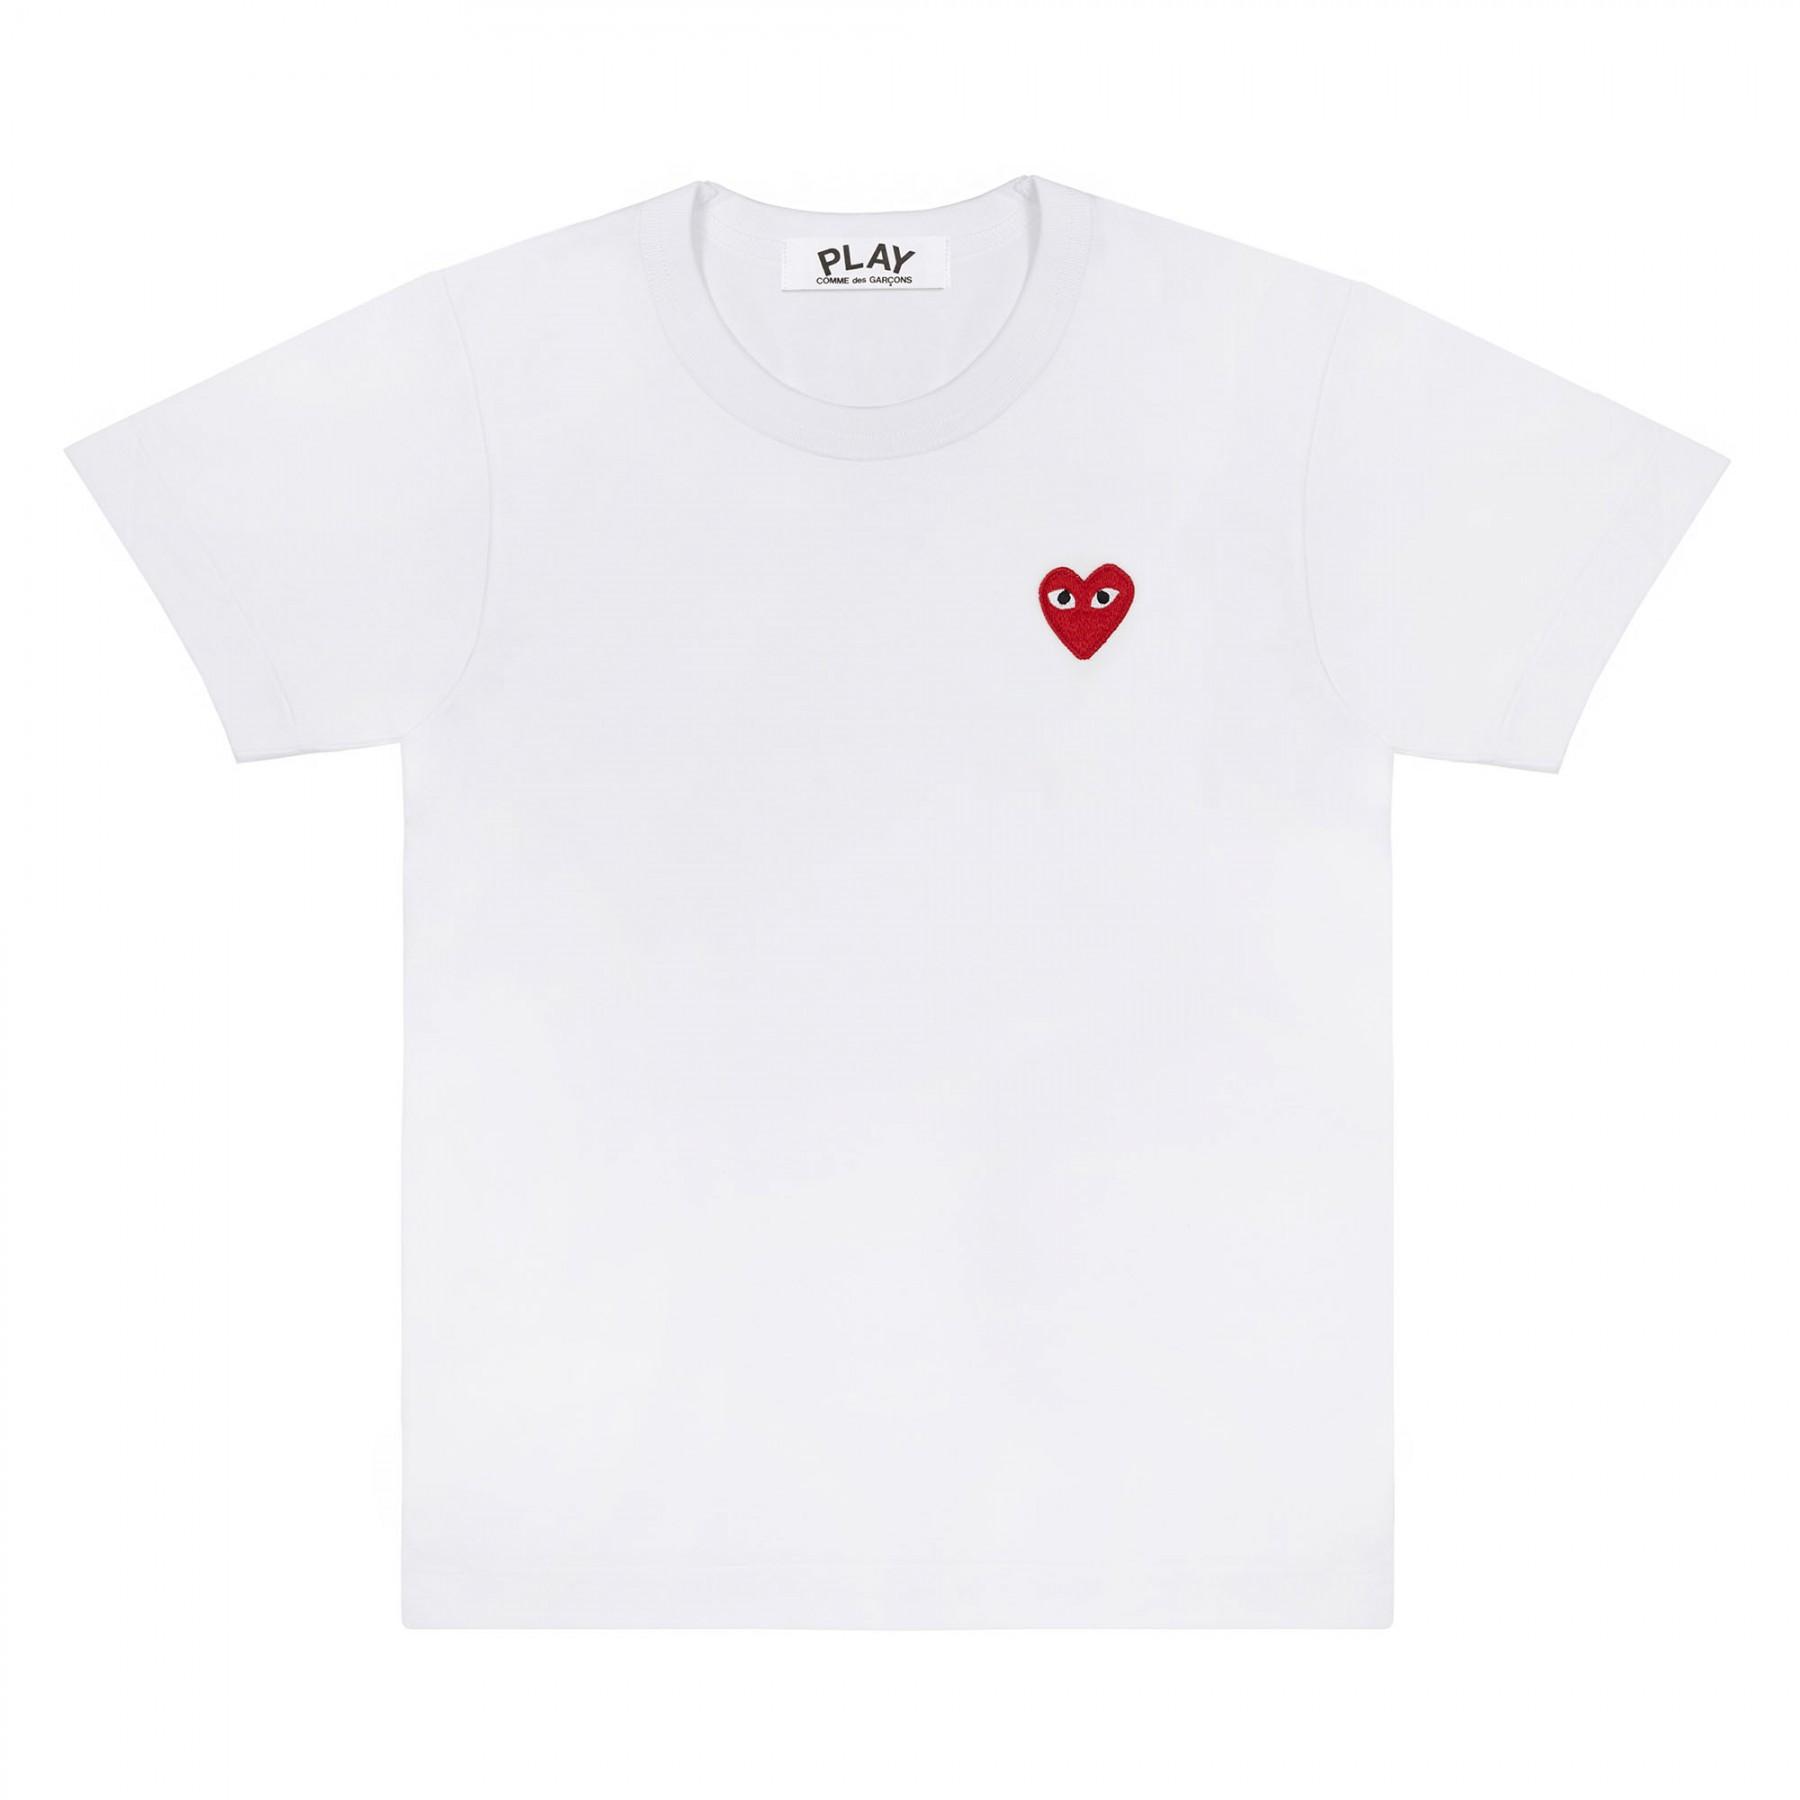 꼼데가르송 PLAY 화이트 티셔츠 원포인트 레드하트 반소매(남성)